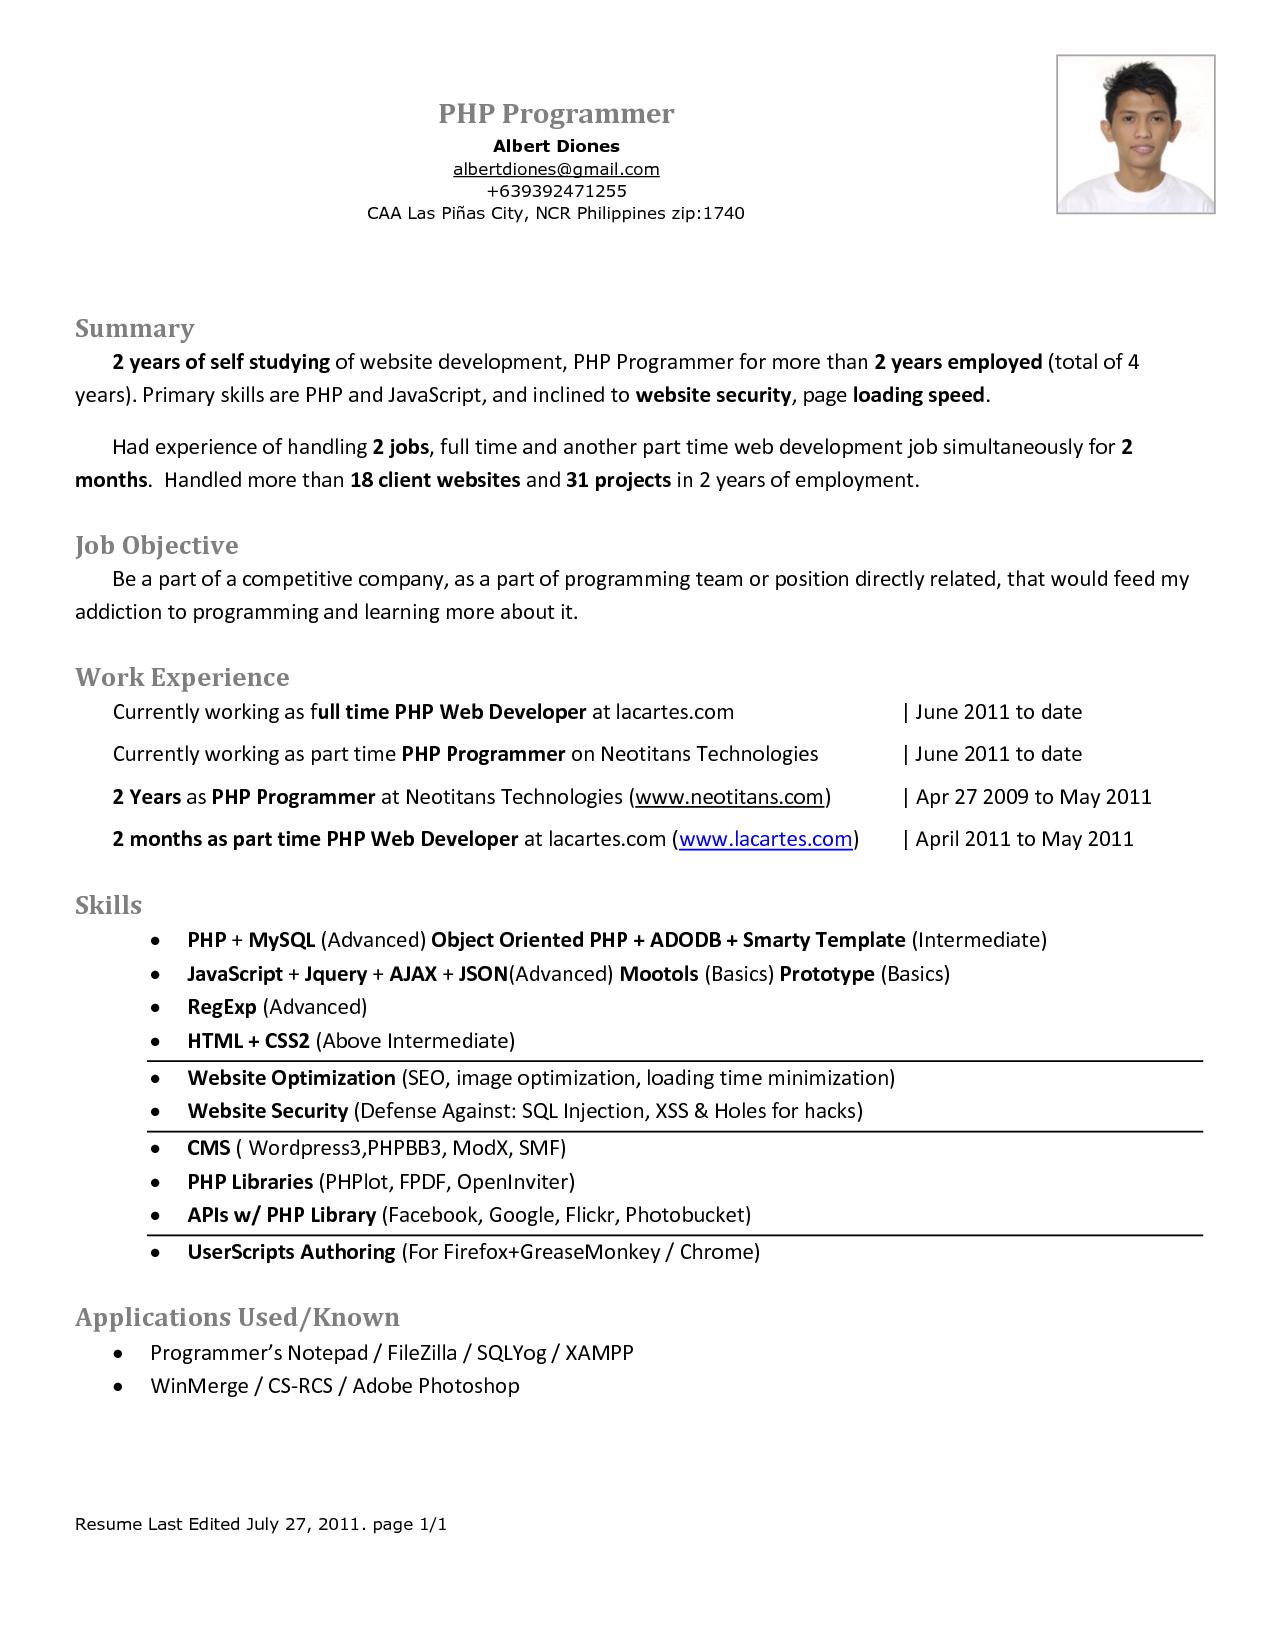 Php Programmer Resume Http Www Resumecareer Info Php Programmer Resume 15 Web Design Jobs Job Cv Resume